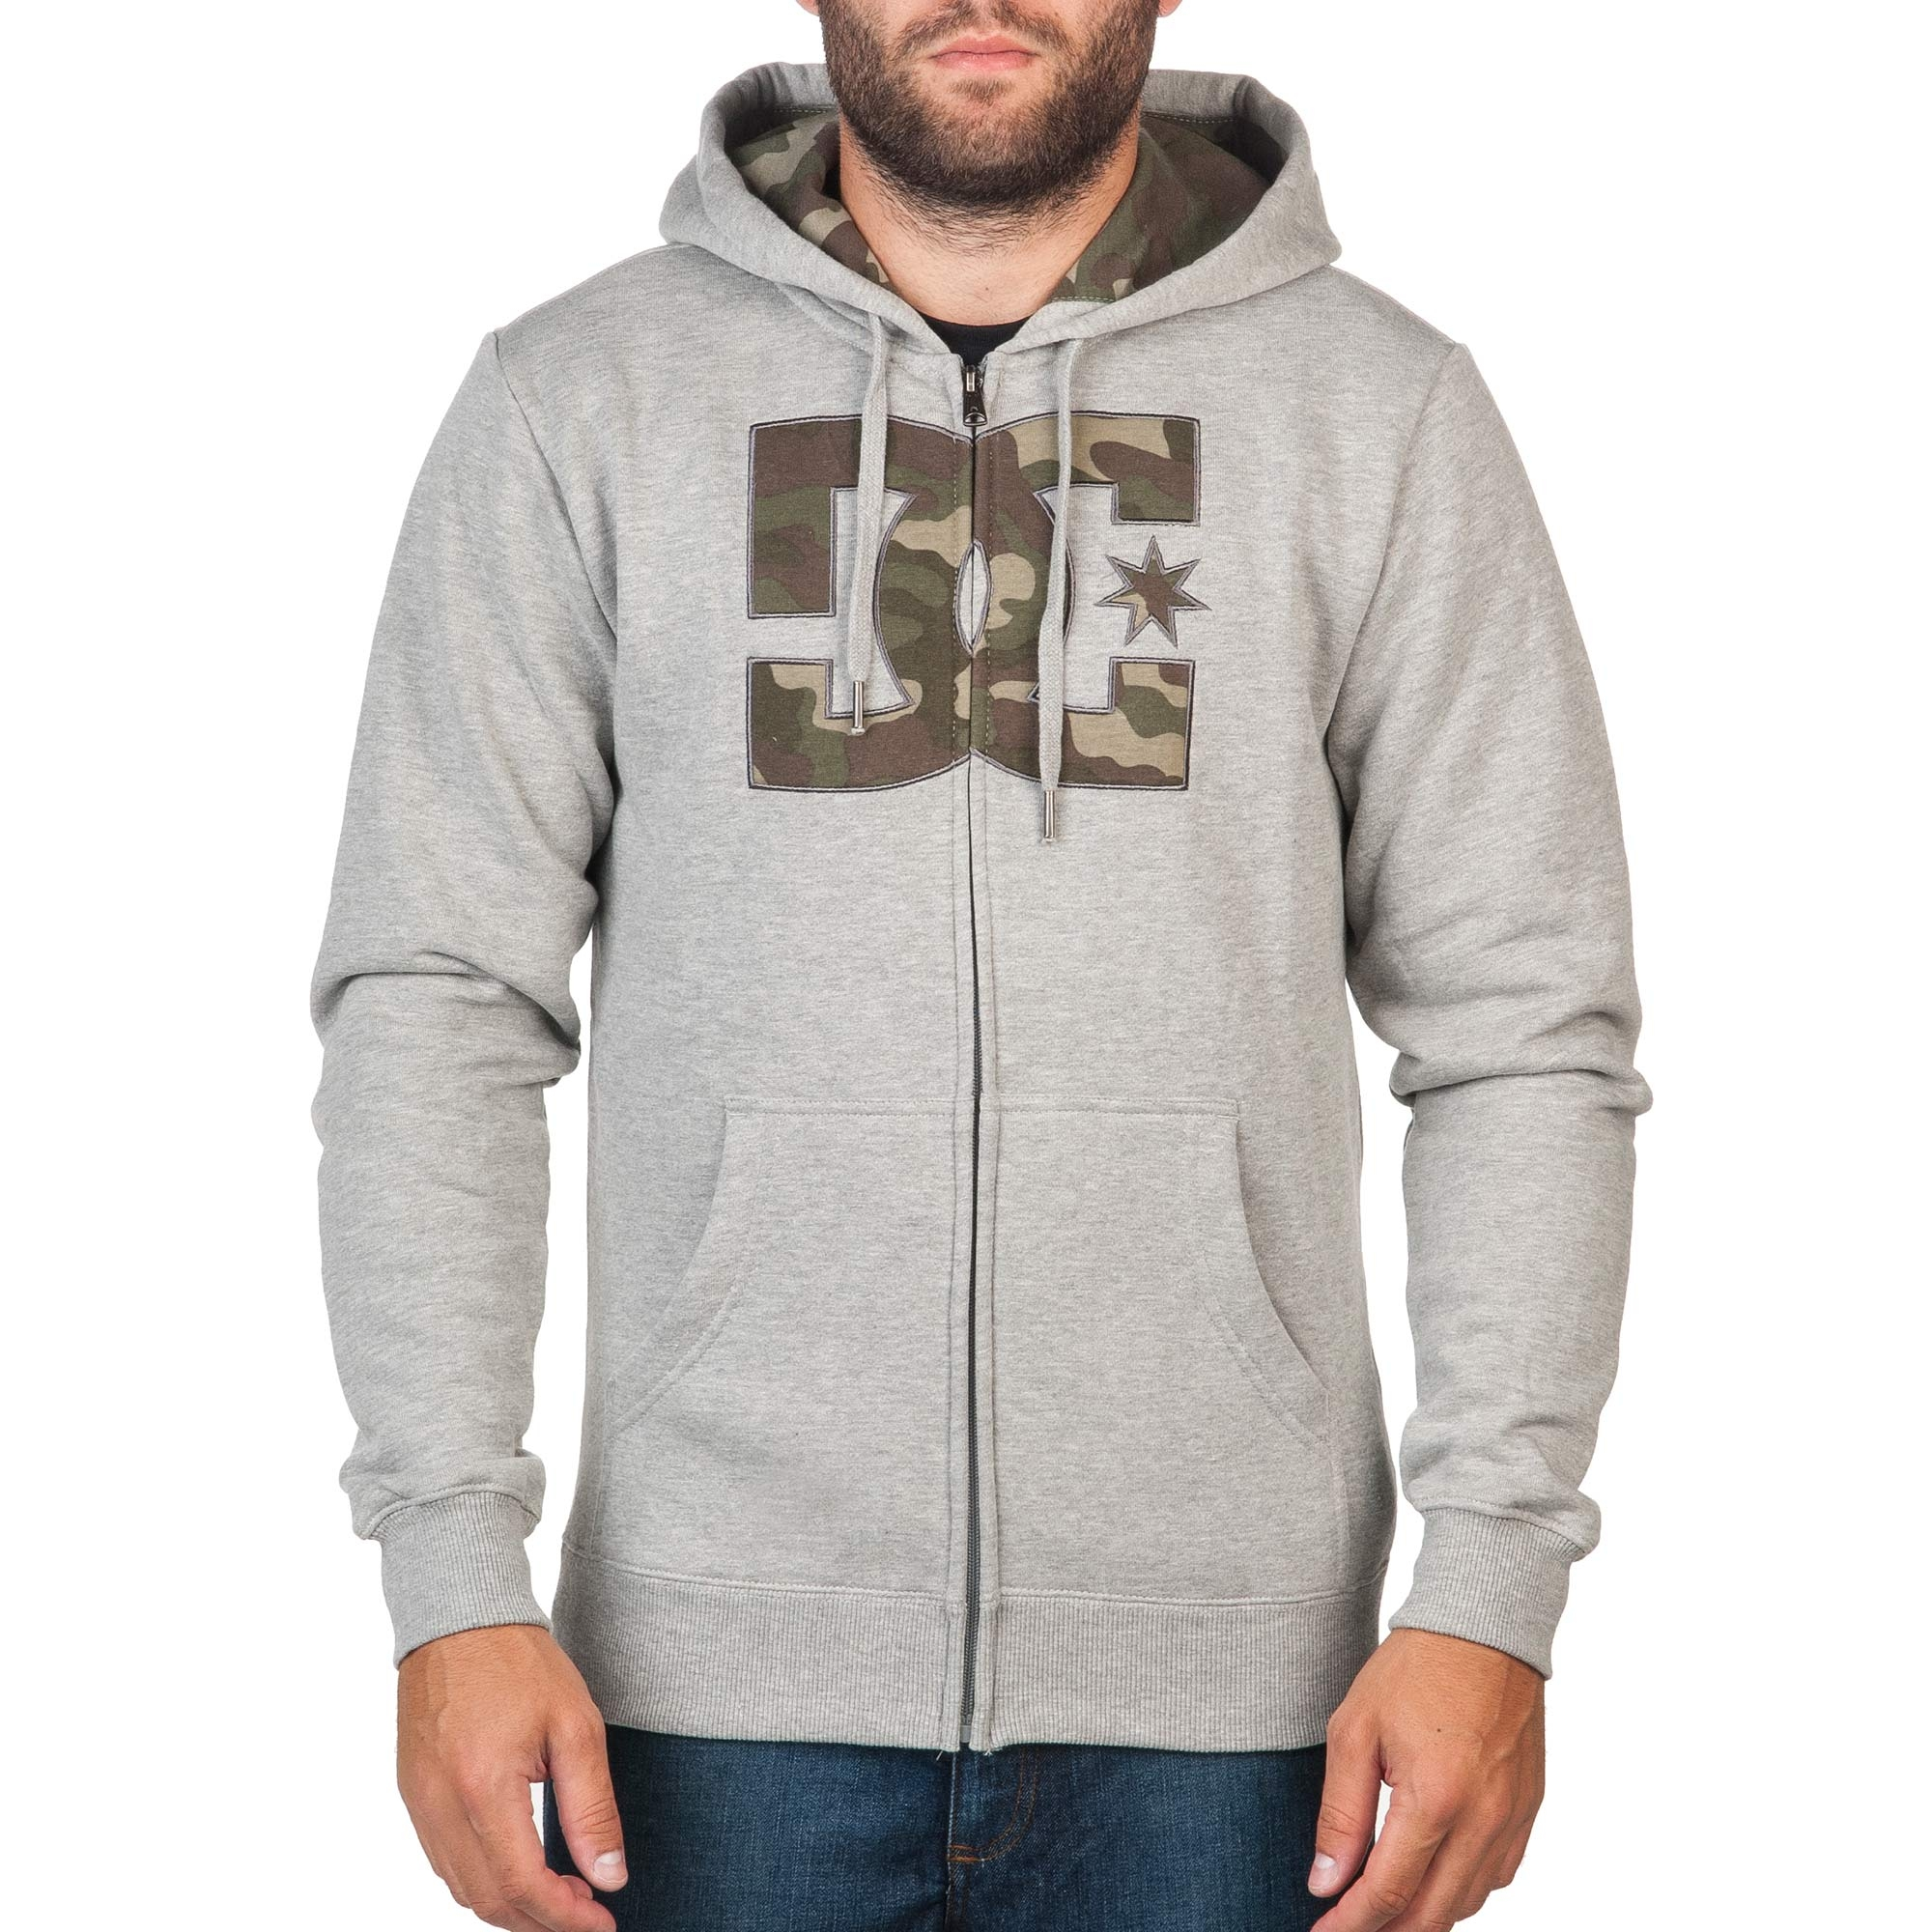 DC hook up hoodie